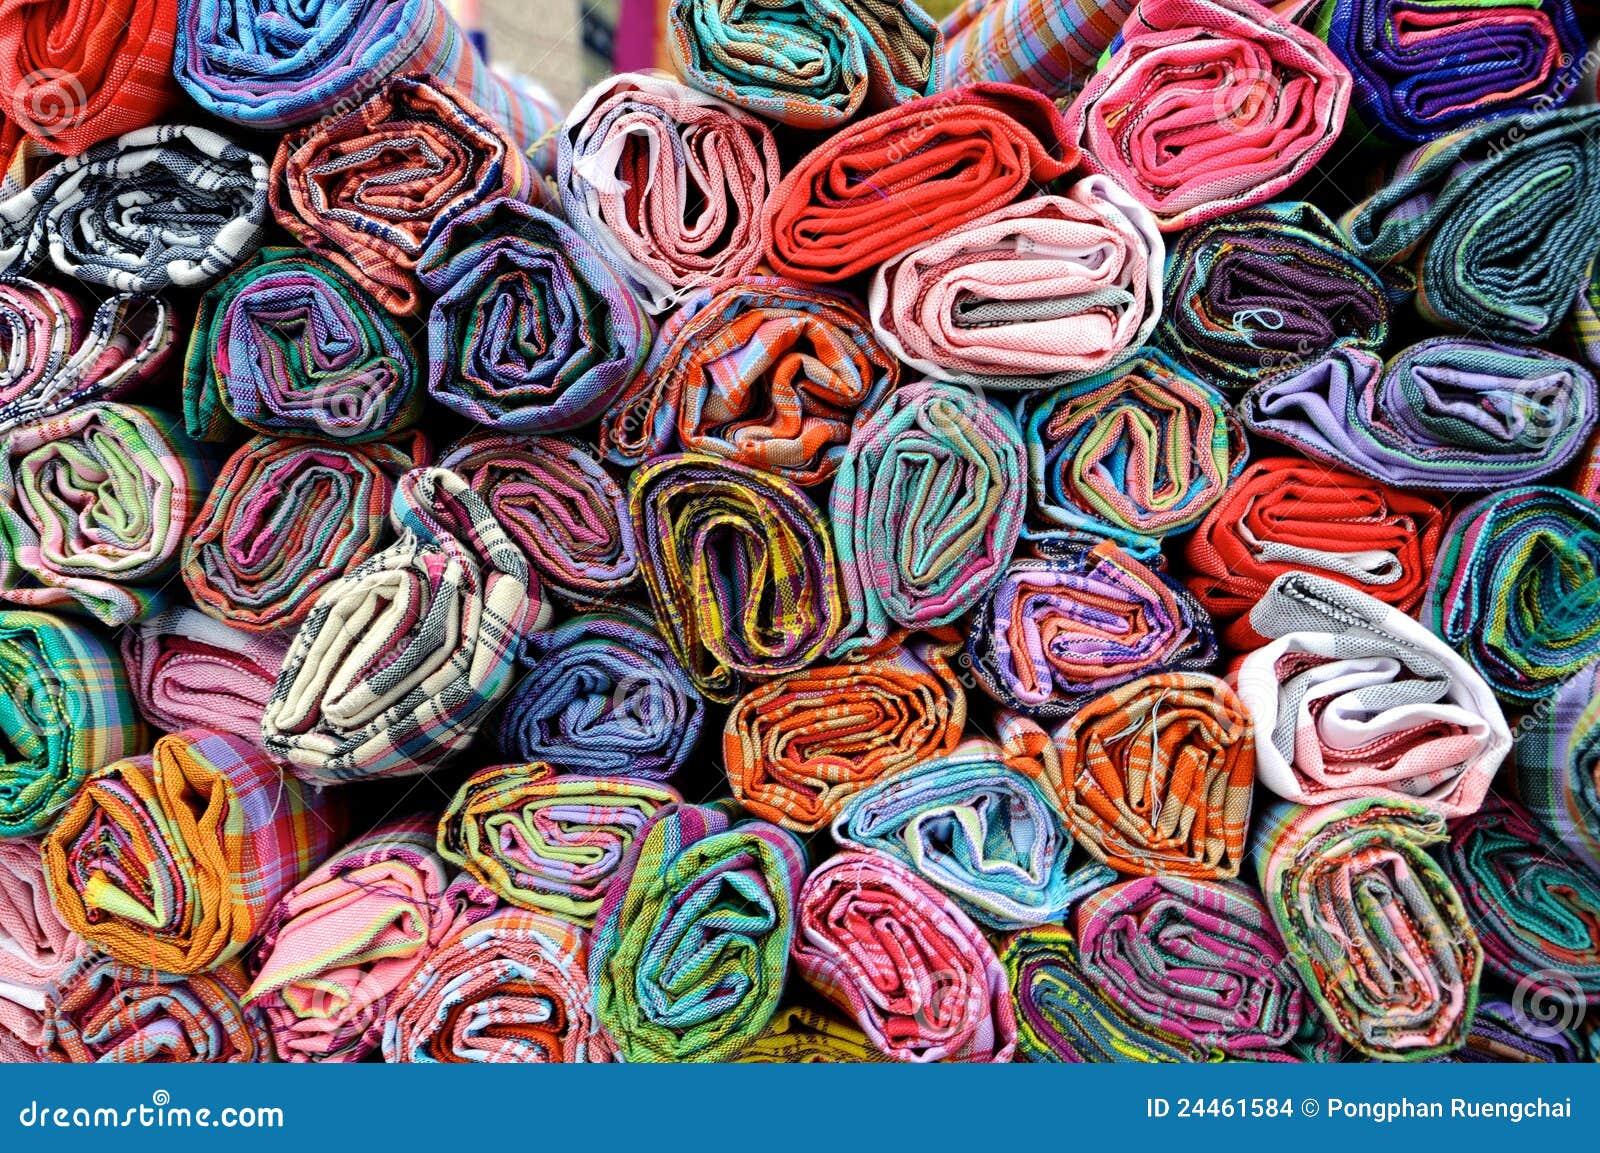 Telas coloridas imagenes de archivo imagen 24461584 - Les plus beaux tissus ...